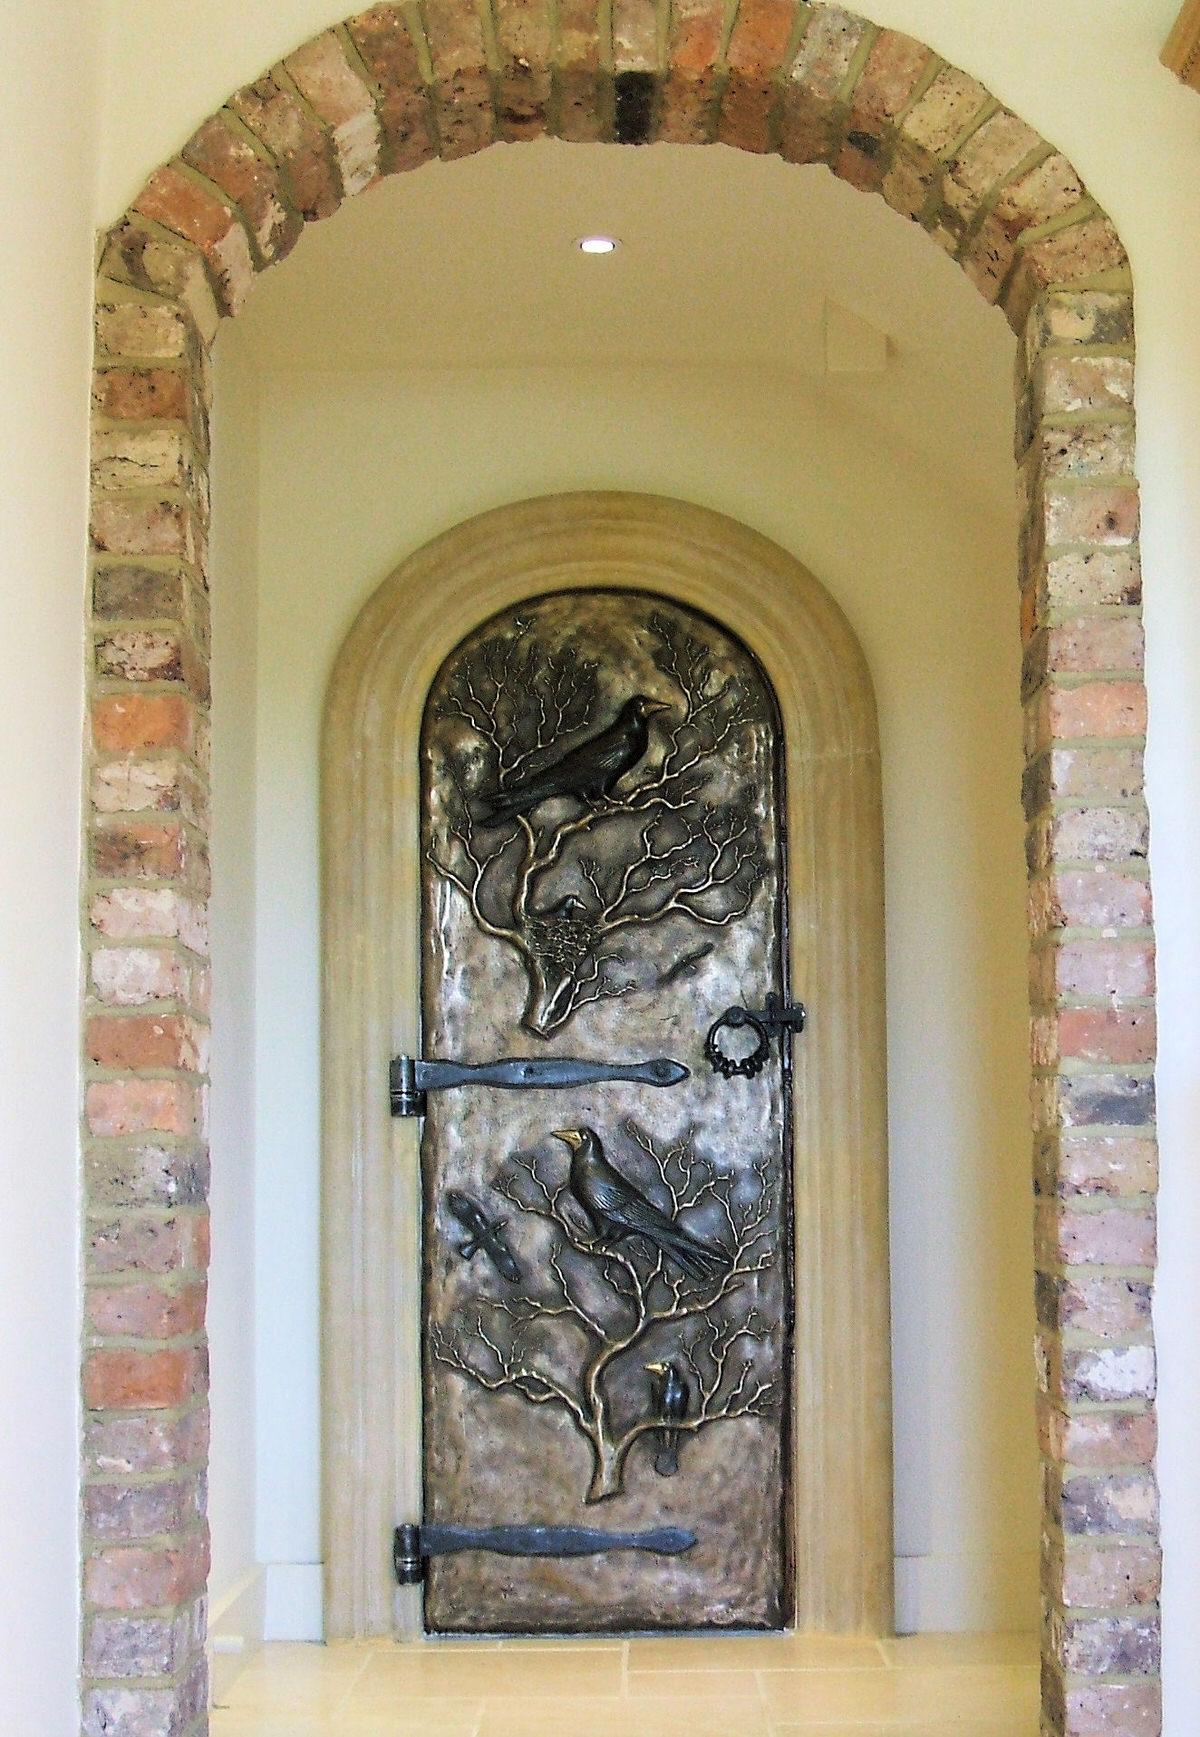 Secret Garden Door solid bronze door Henry Wislon Bronze Door sloane sqaure st patricks catherdal new york bronze door amalfi italy by Mark Reed